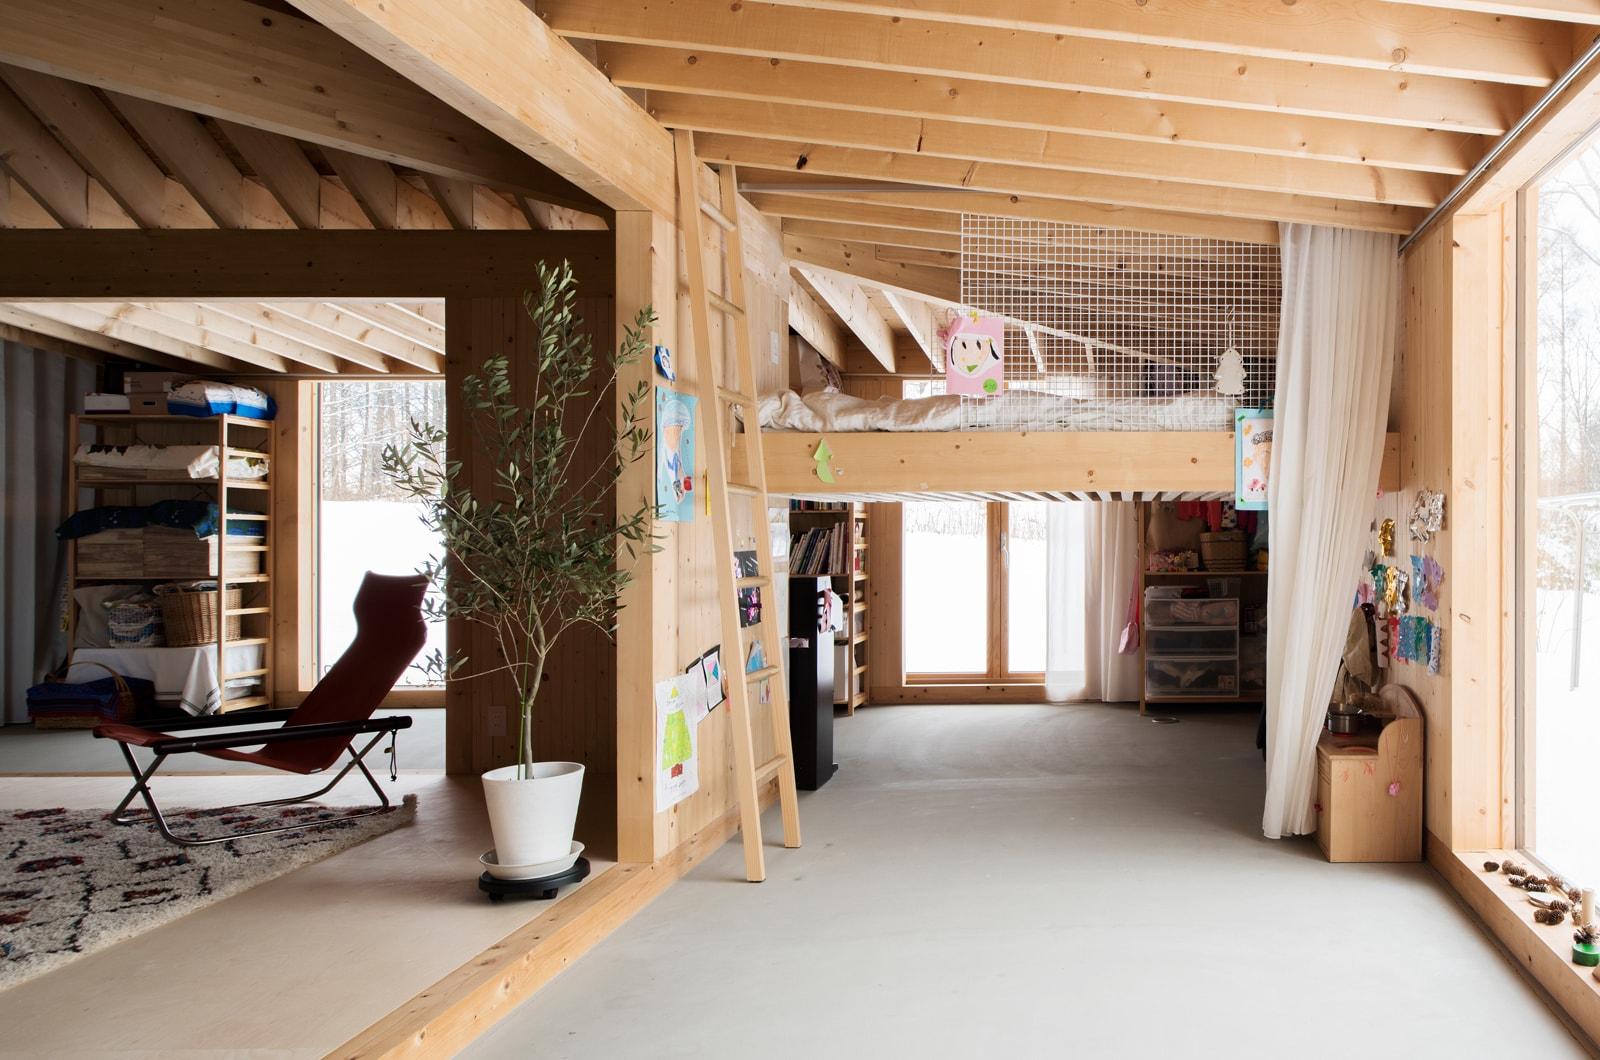 動線上に部屋があるおかげで、リビングはもちろんほかの空間とも自然につながる